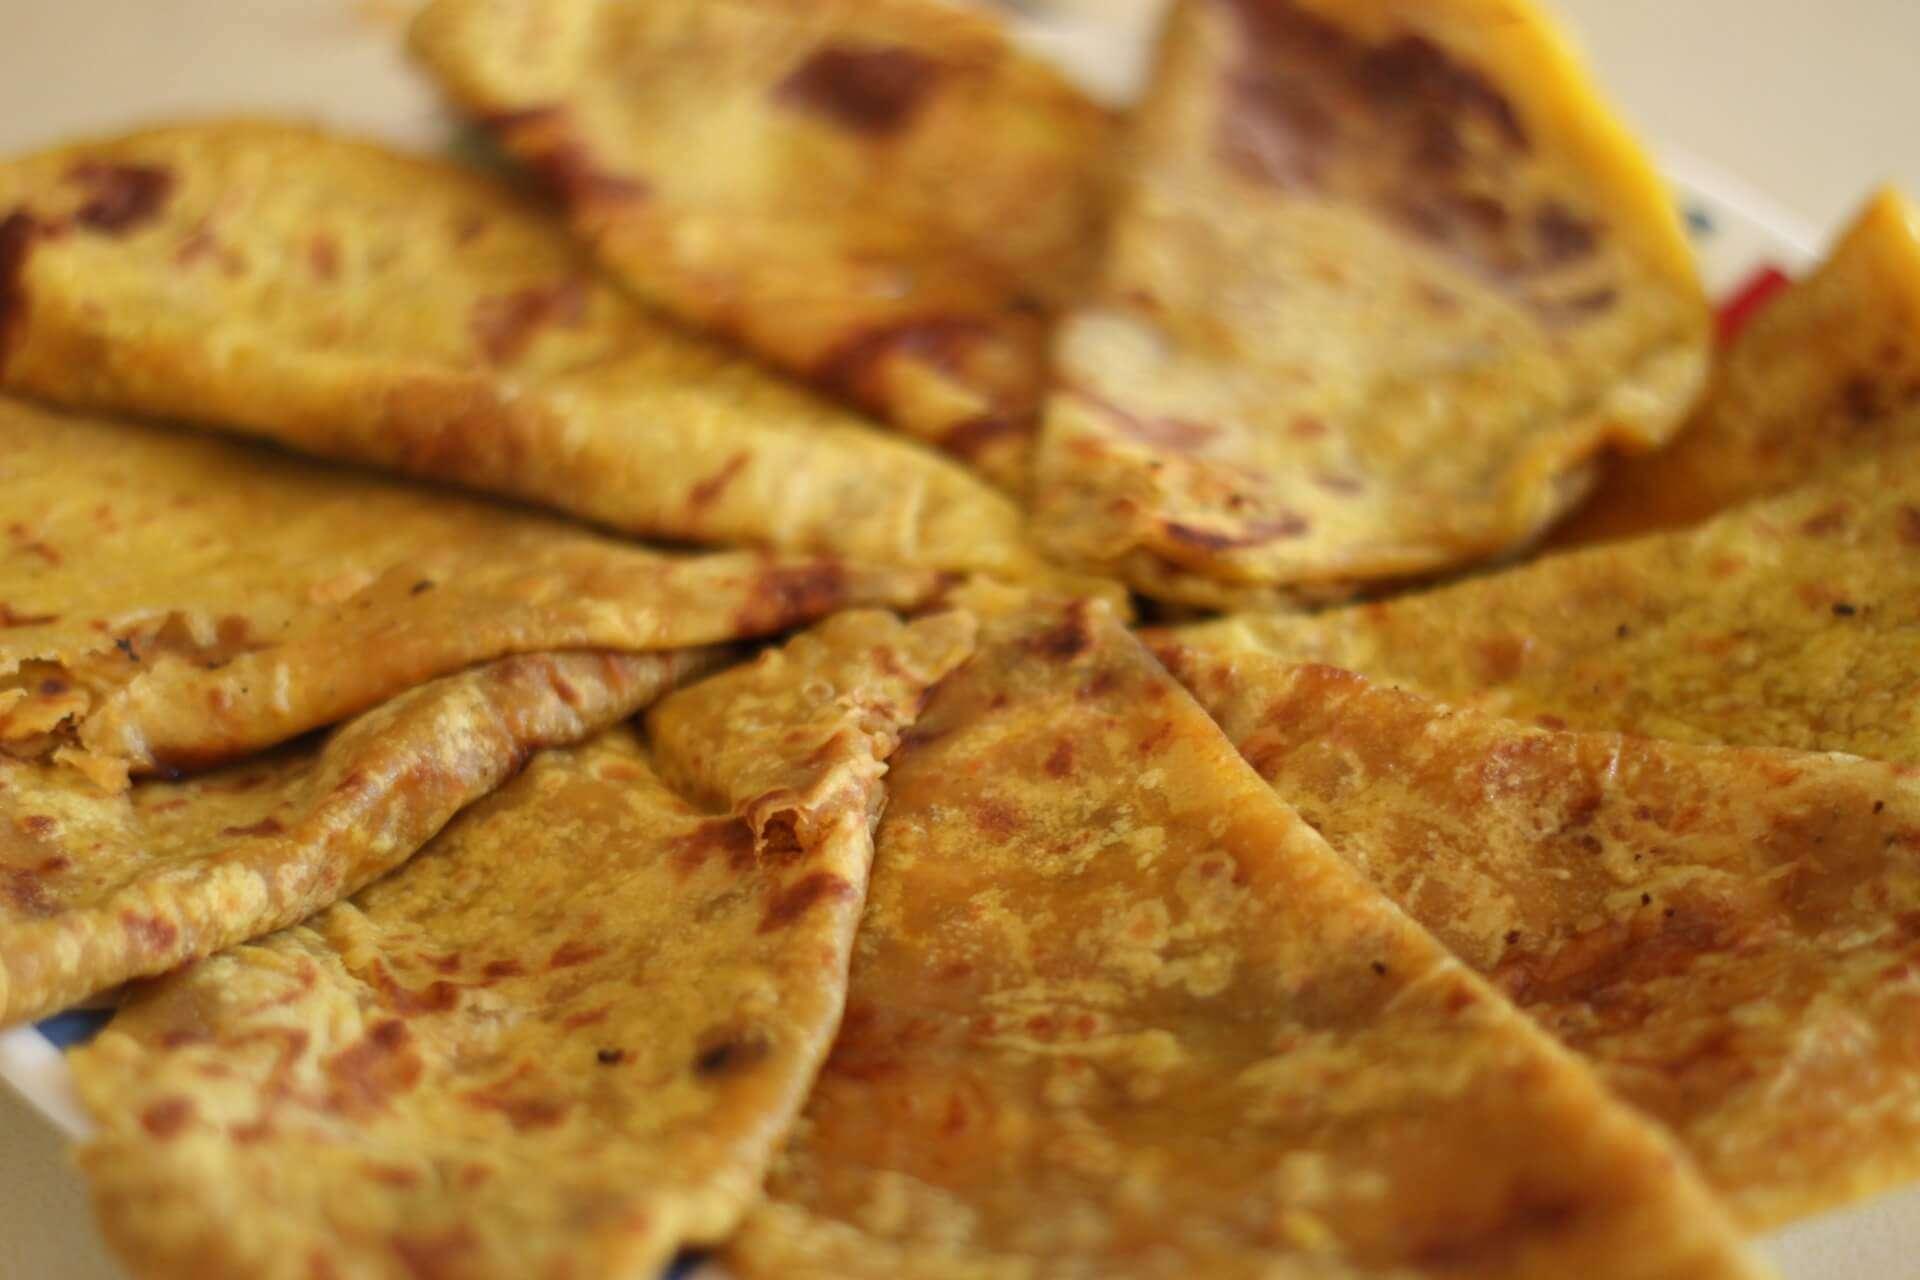 Boli sreet food Chennai